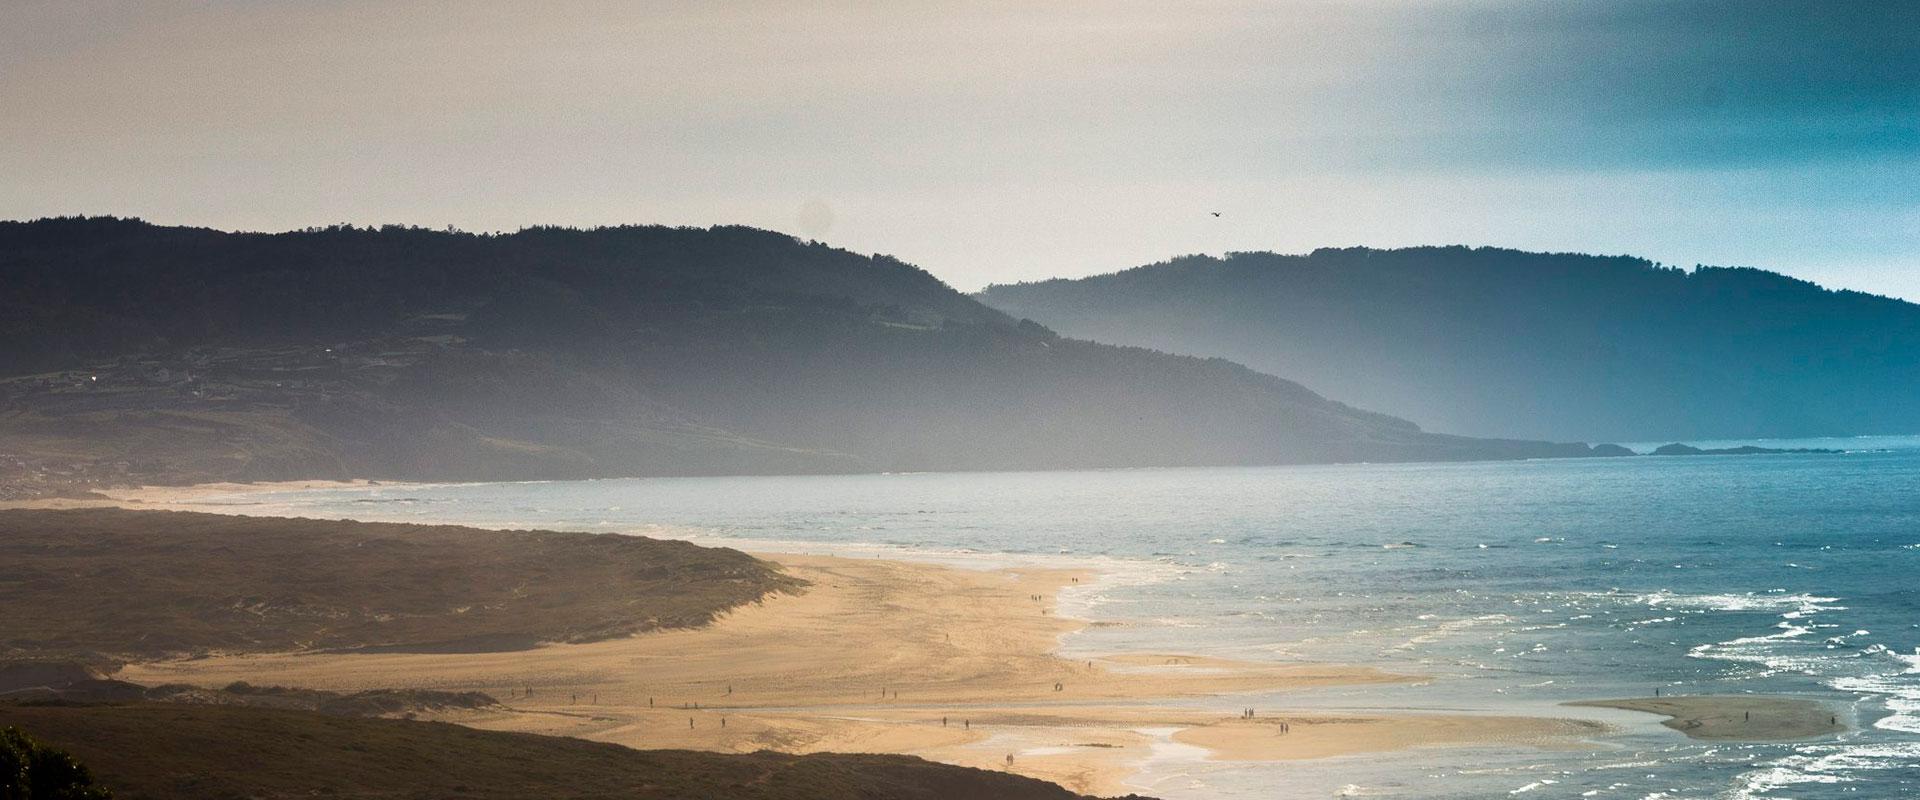 NUESTRO SURF HOSTEL